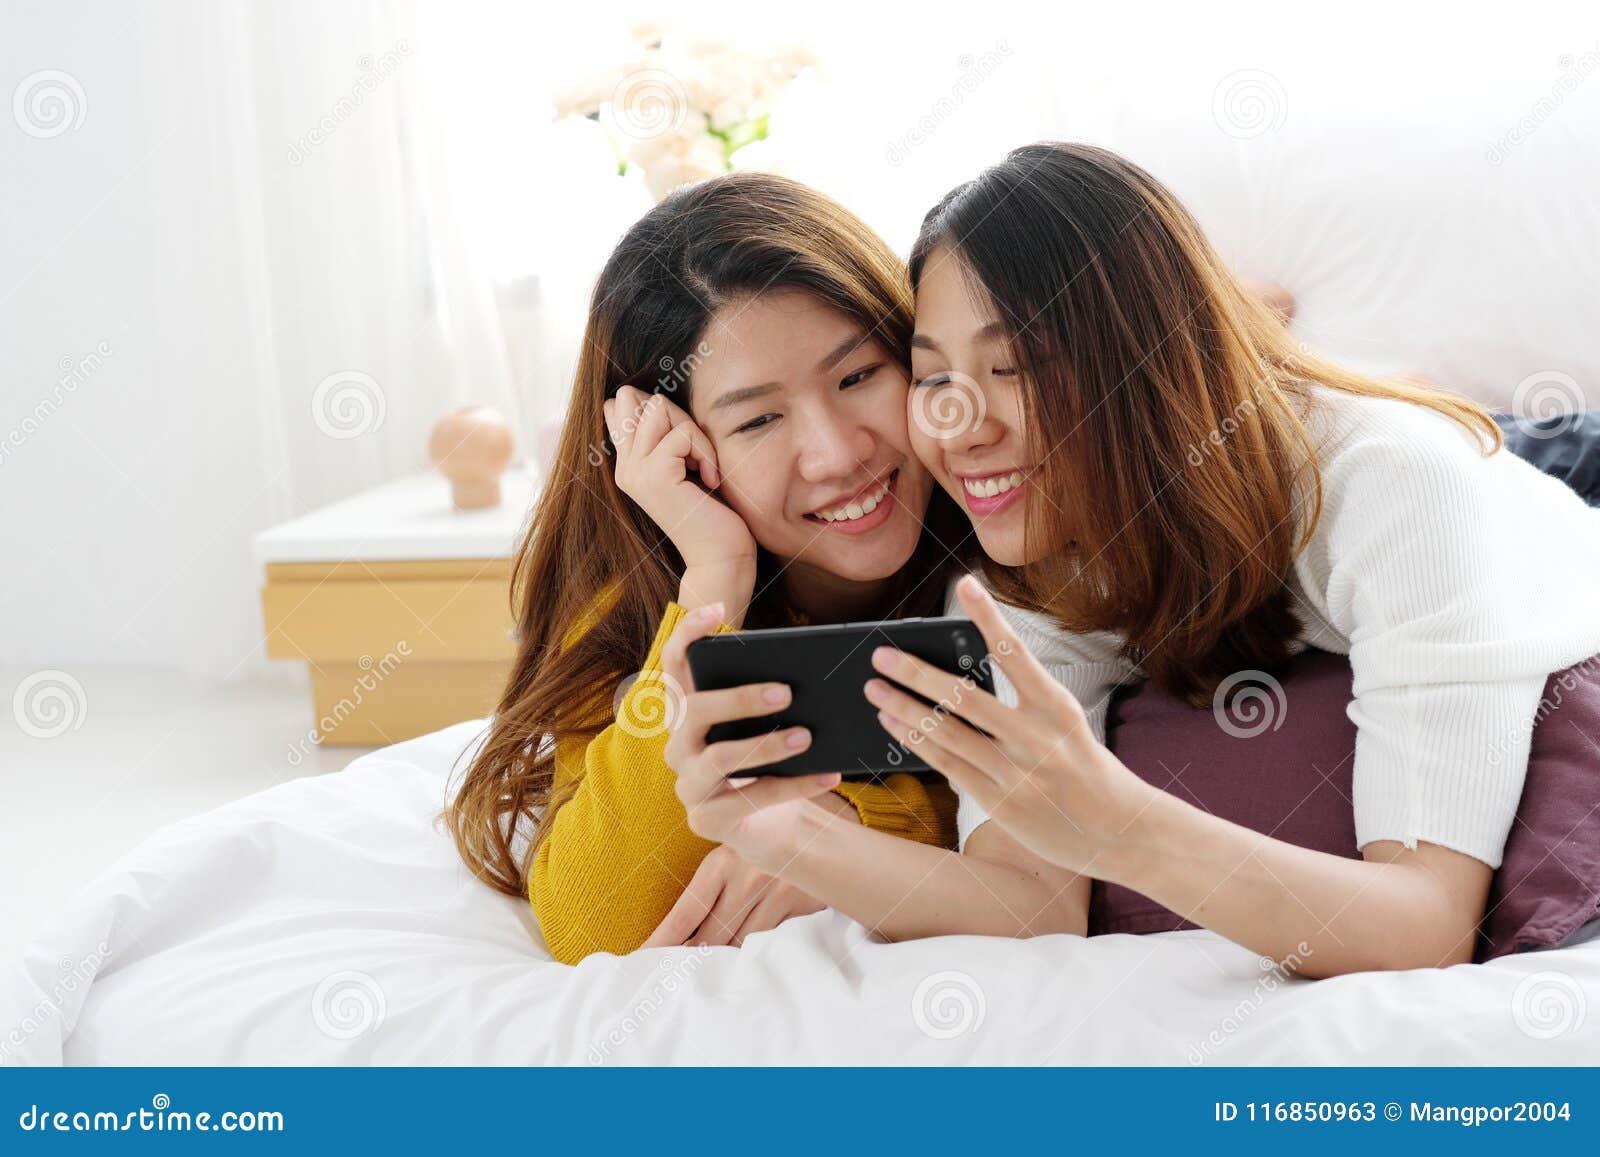 Codi and lesbian sex